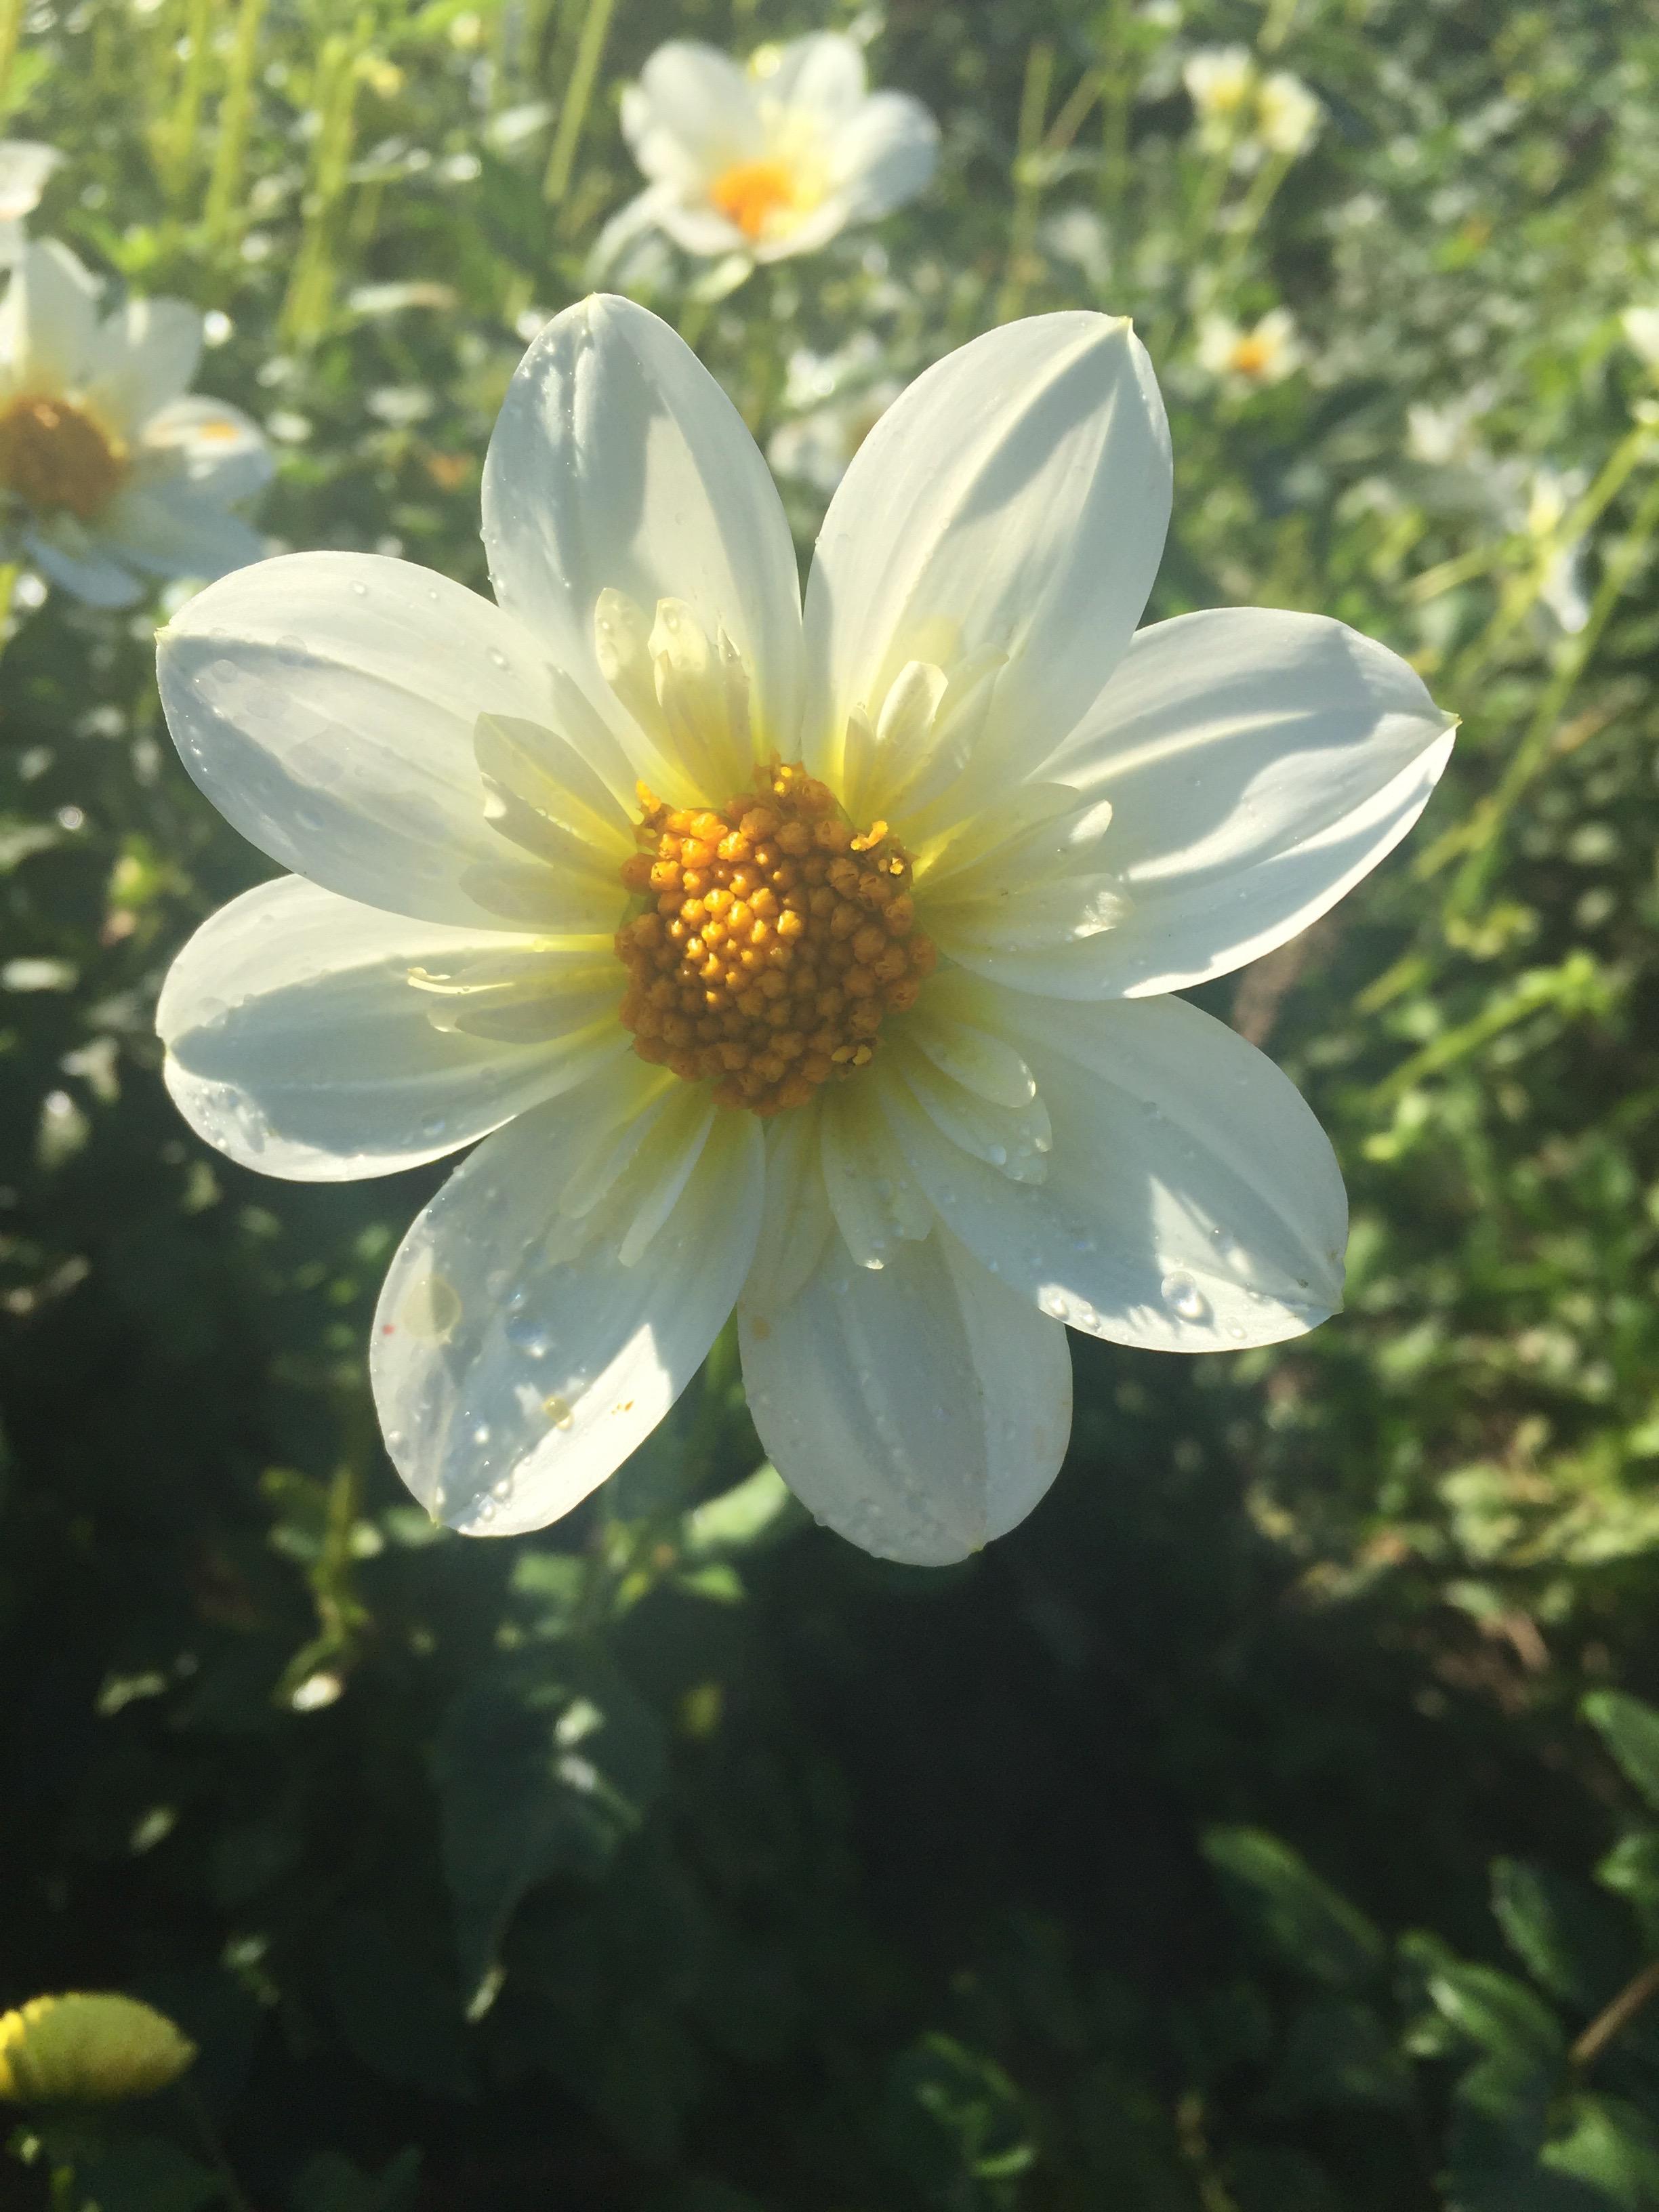 flower farm, ontario, dahlia